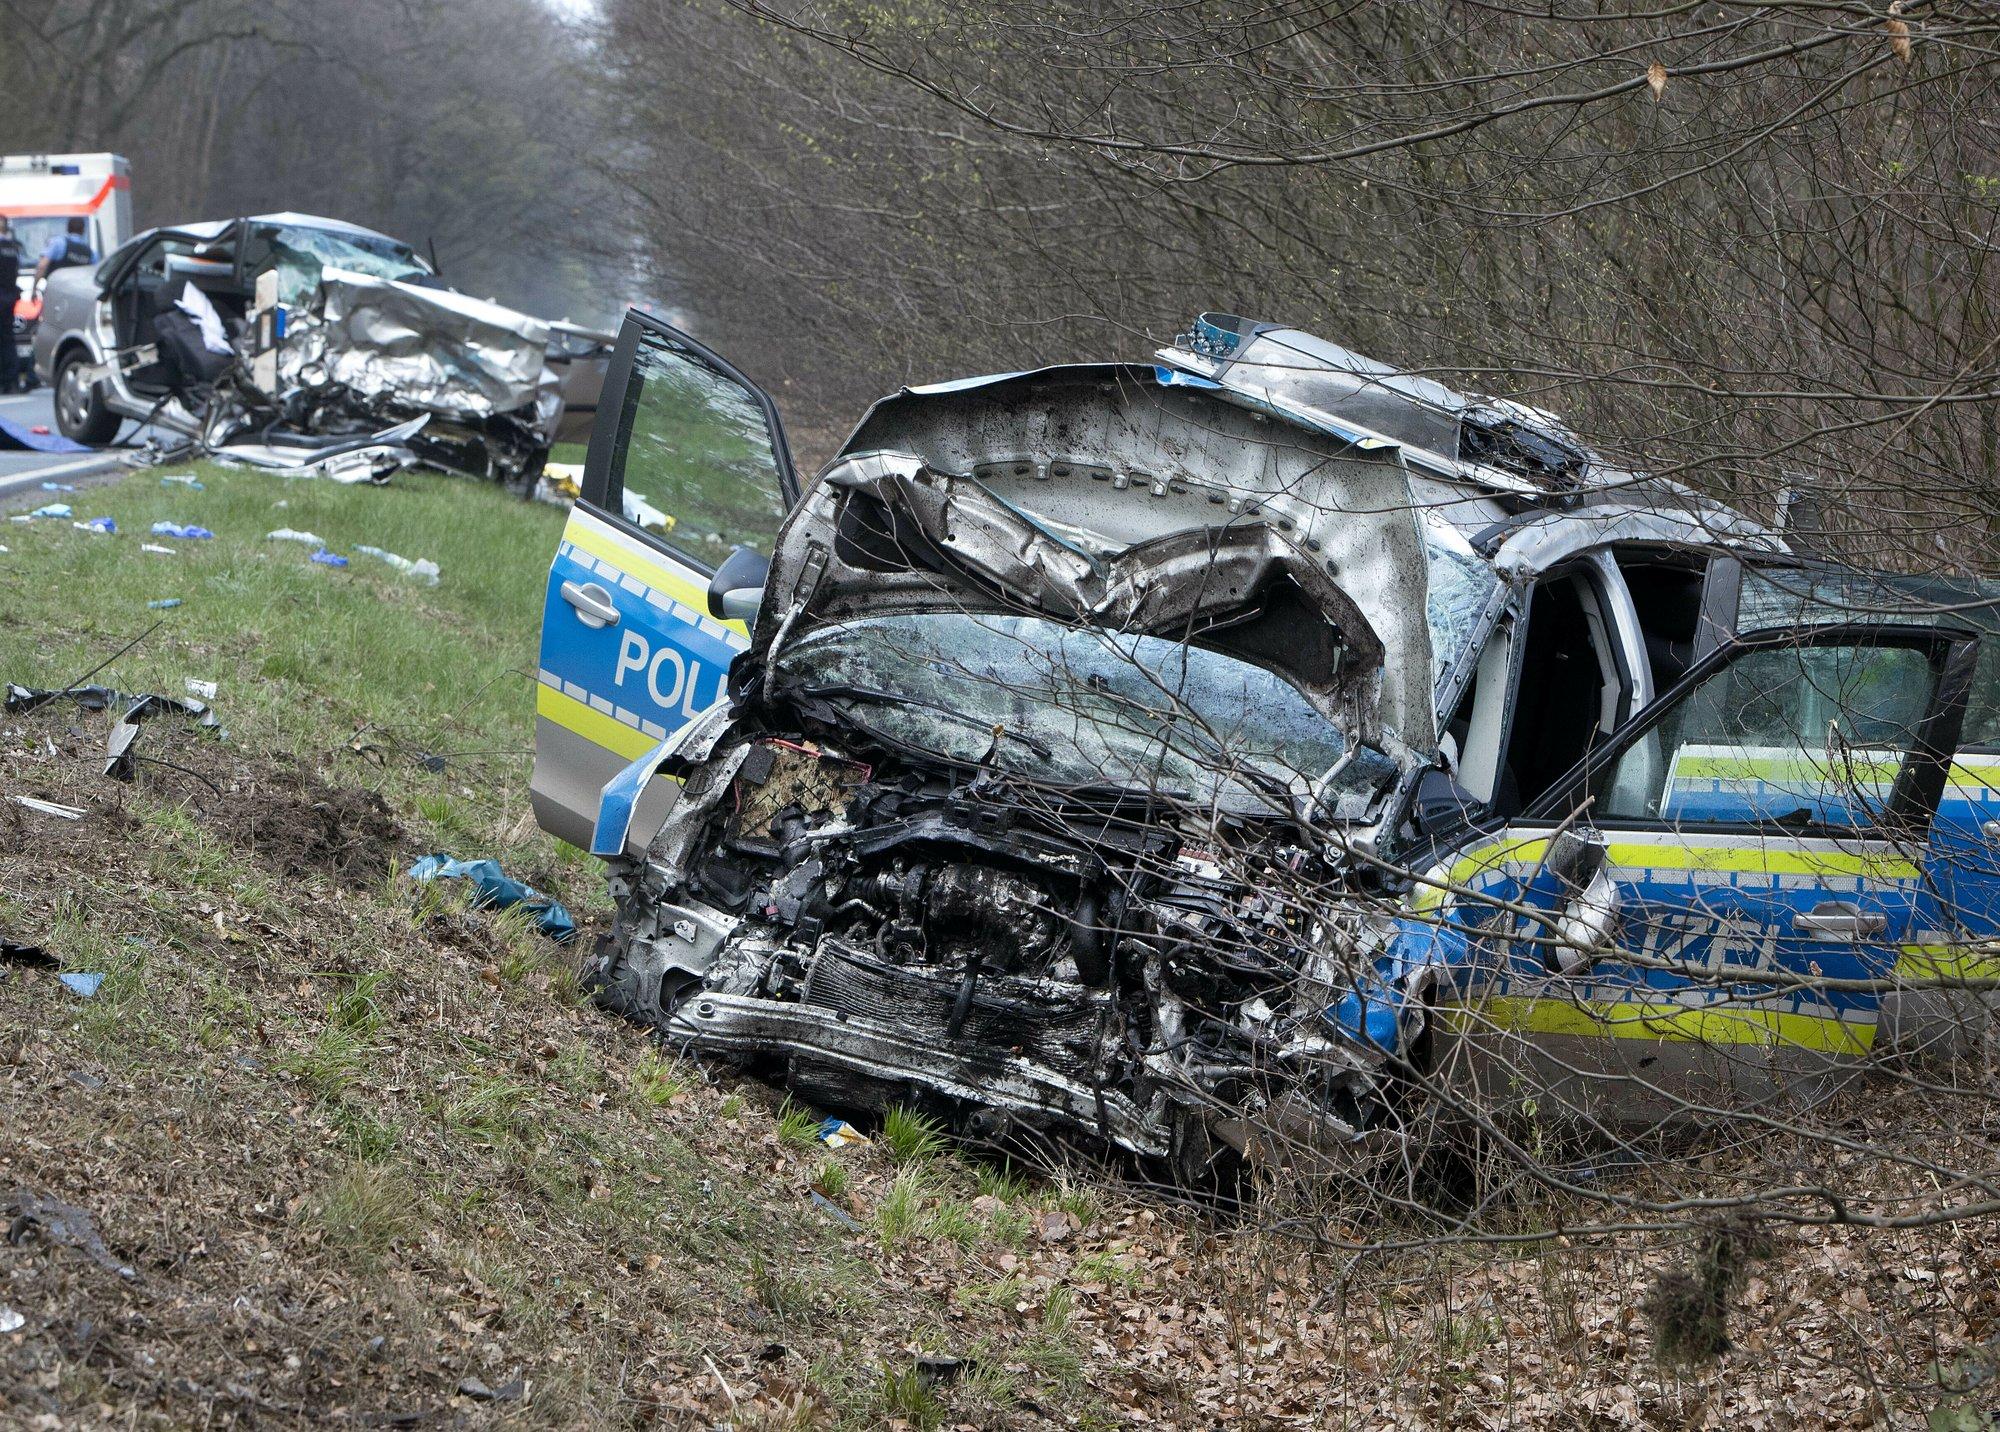 مركبة تابعة للشرطة الألمانية حيث اصطدمت بمركبة أخرى أثناء توجهها لمنطقة سقوط الطائرة